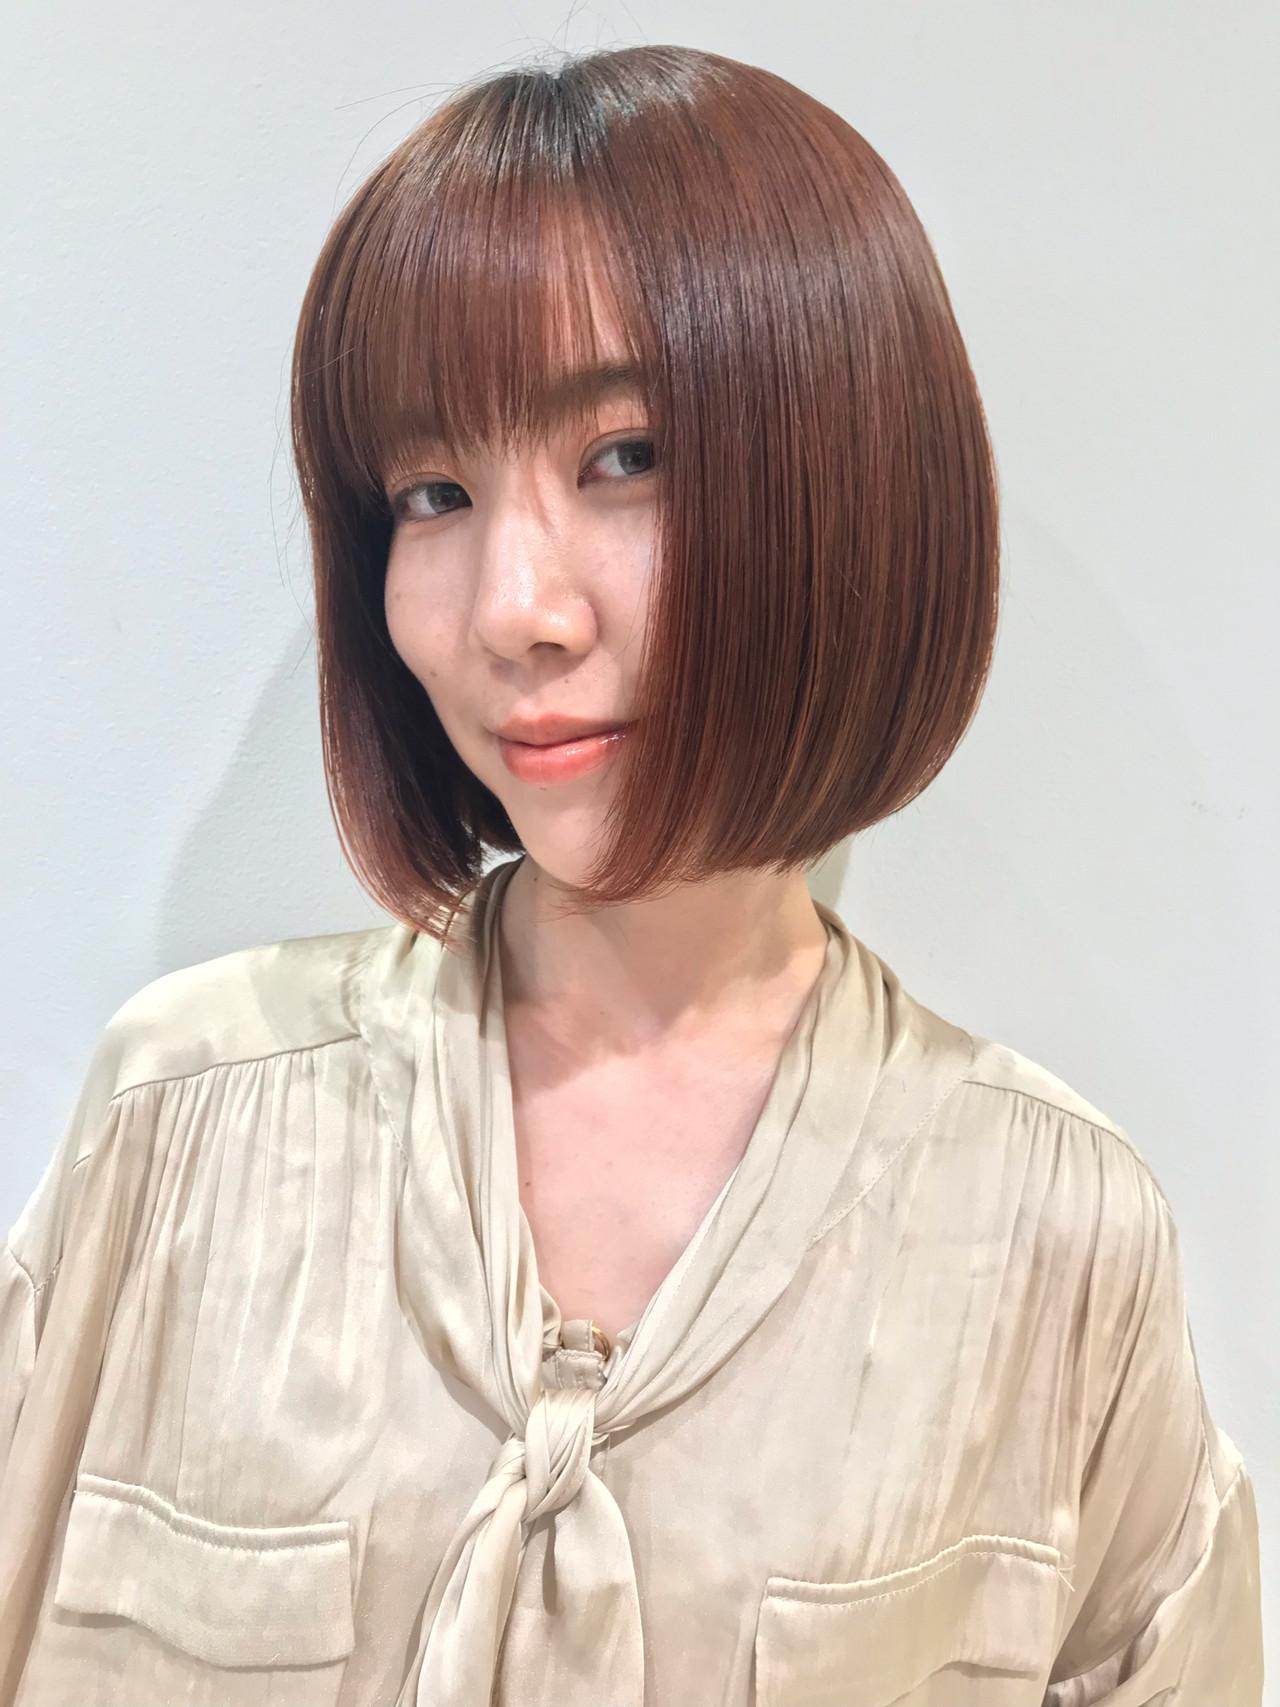 モード ボブ ヘアスタイルや髪型の写真・画像 | 吉澤愛 / Ash東戸塚